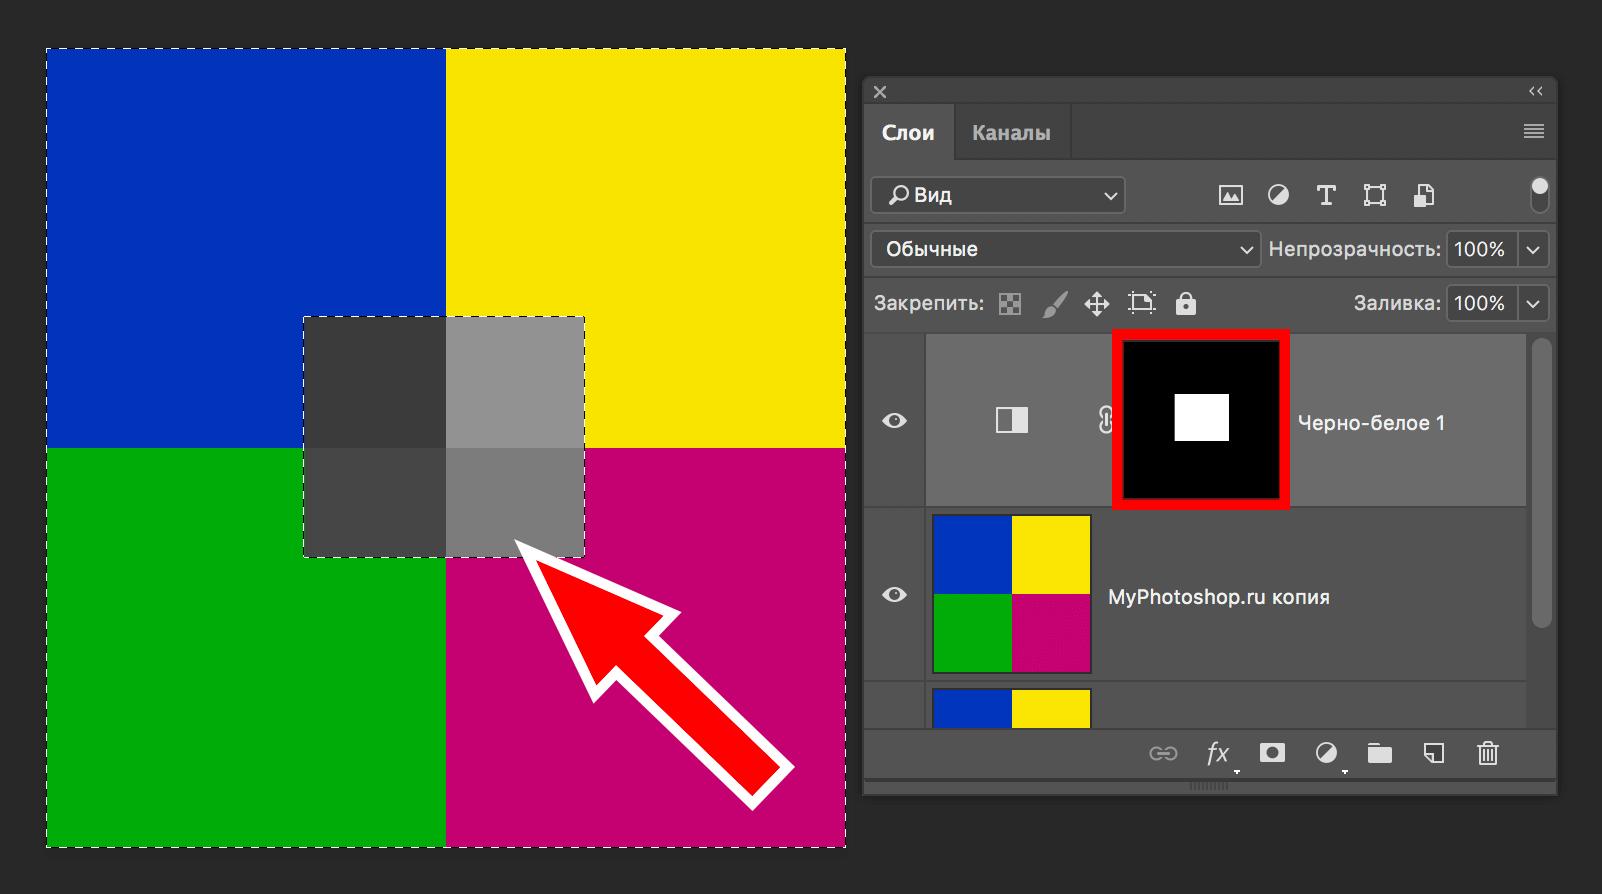 Обесцвечивание отдельных участков изображения